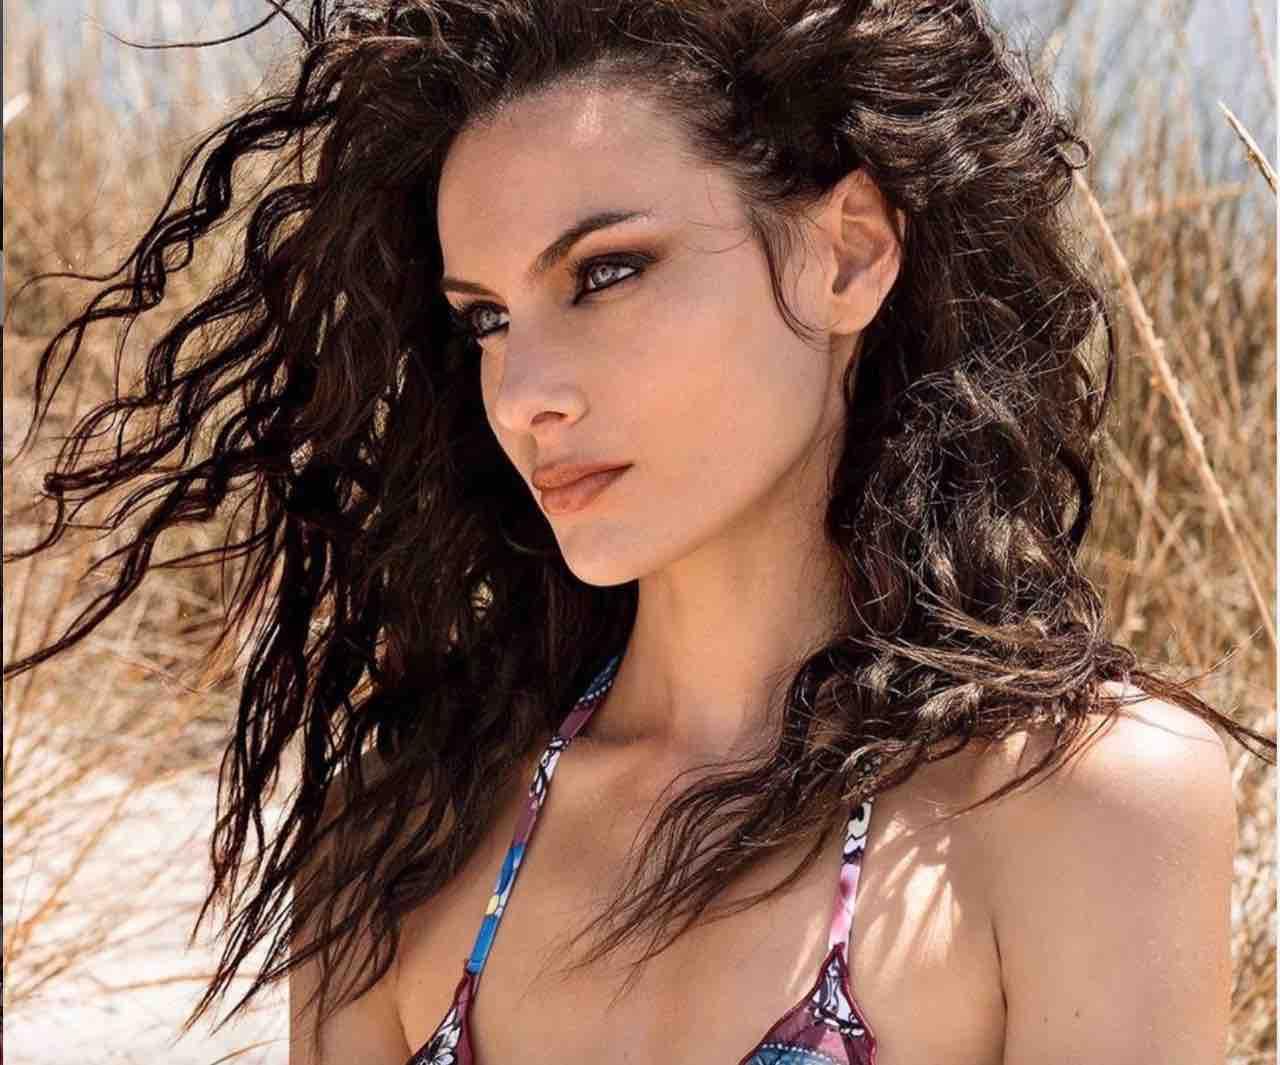 Paola turani bikini